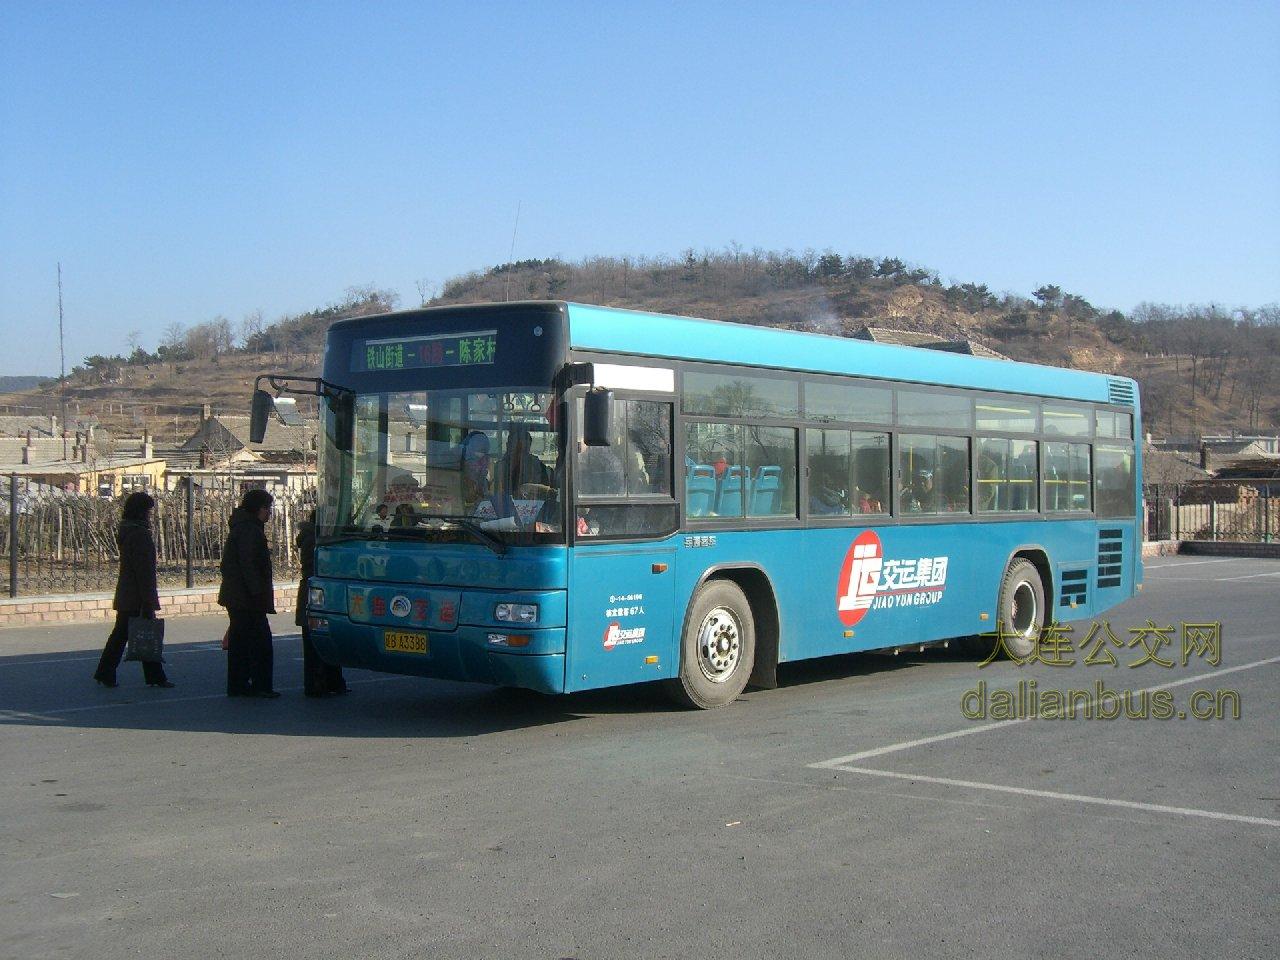 大连旅顺汽车站电话是多少-旅顺汽车站到大连火车站